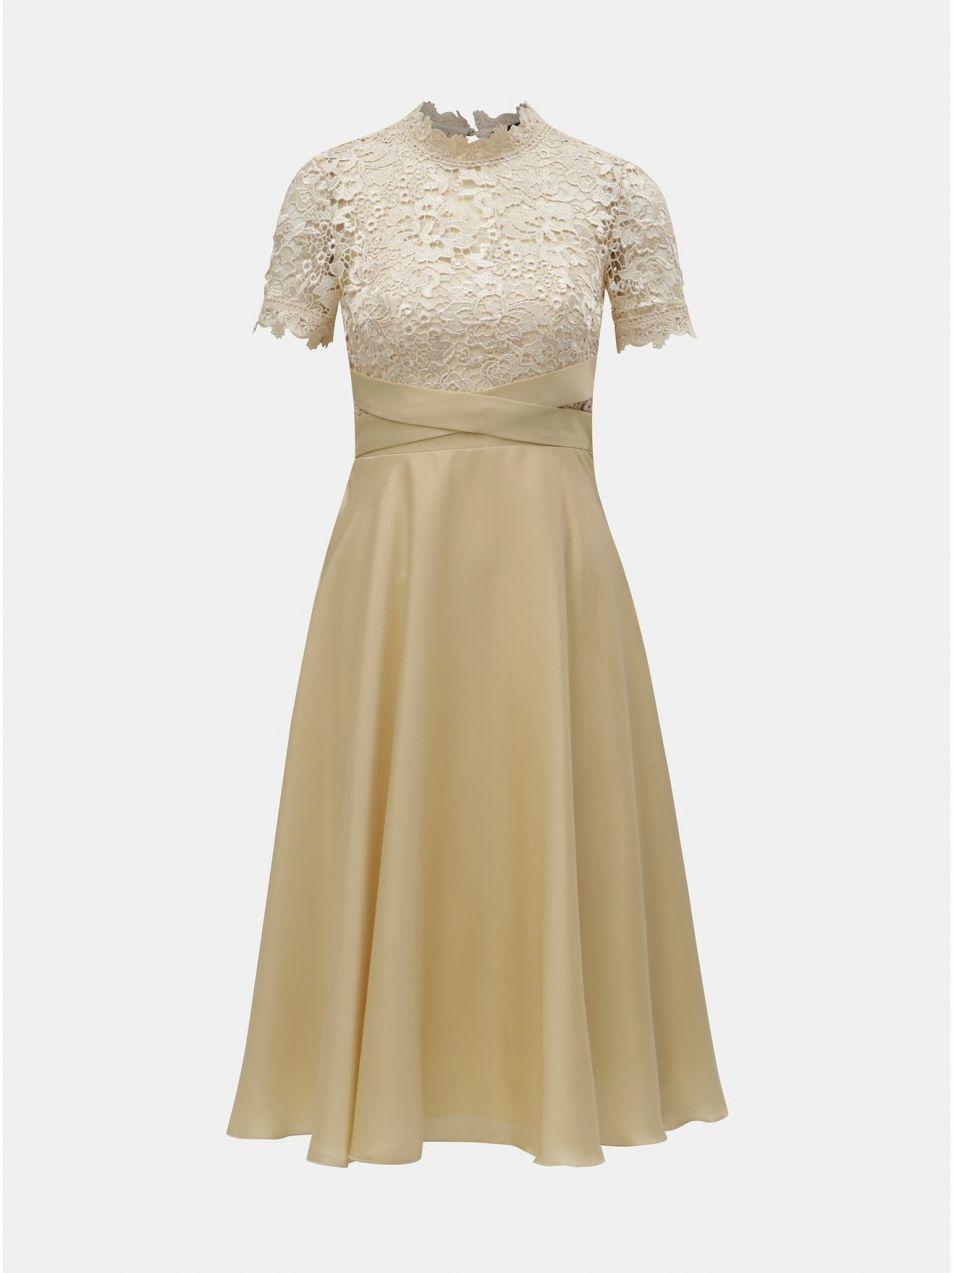 Béžové šaty s čipkovaným topom Little Mistress značky Little ... 6fd73151b36